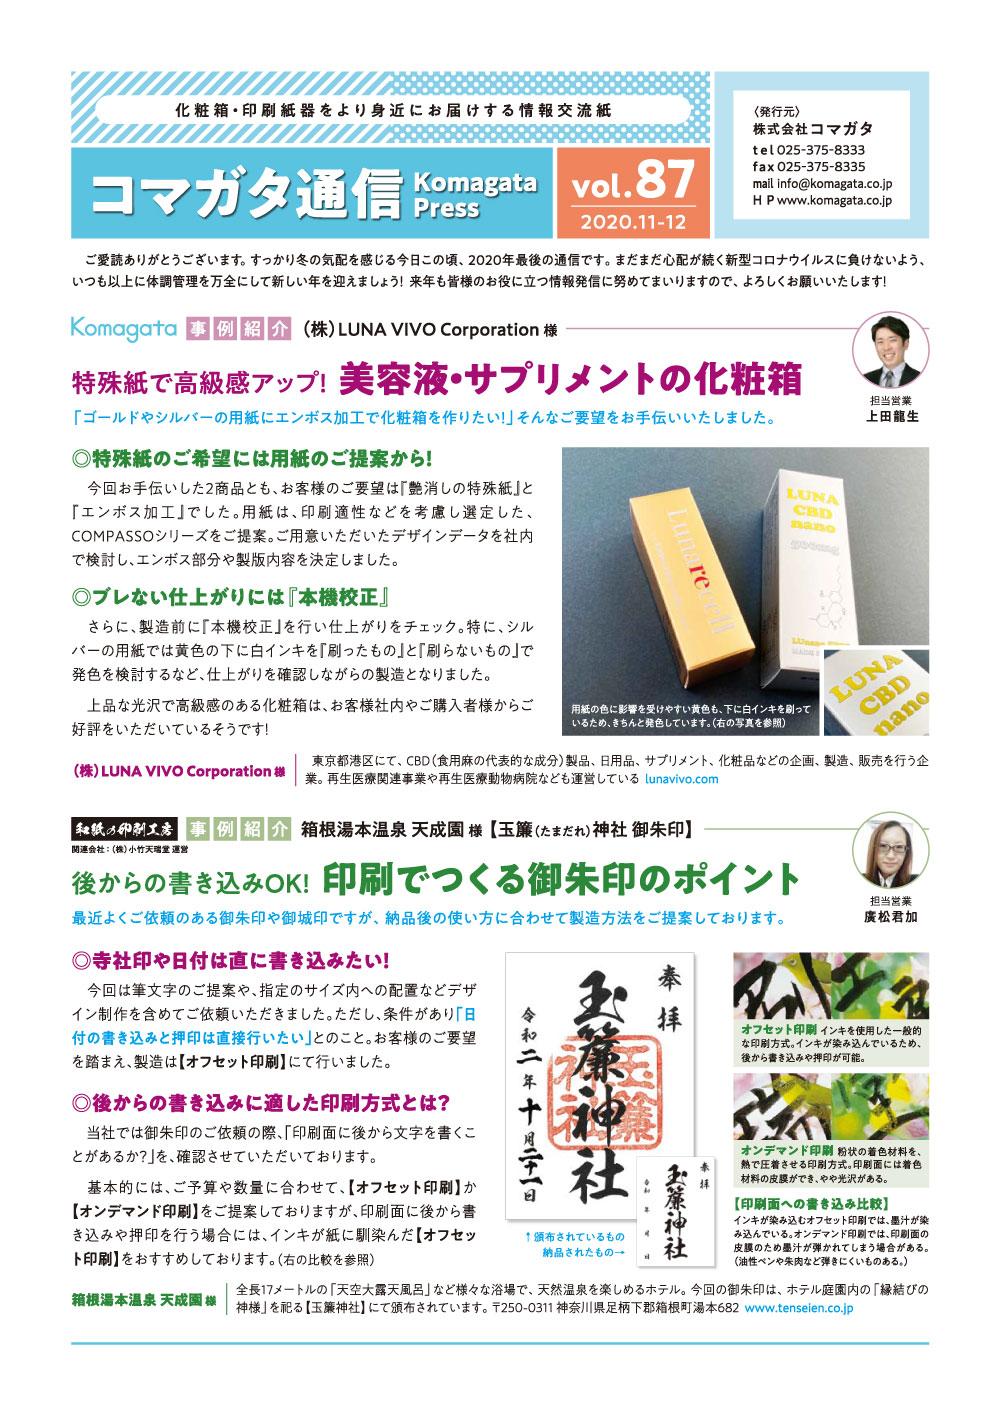 コマガタ通信vol-87表